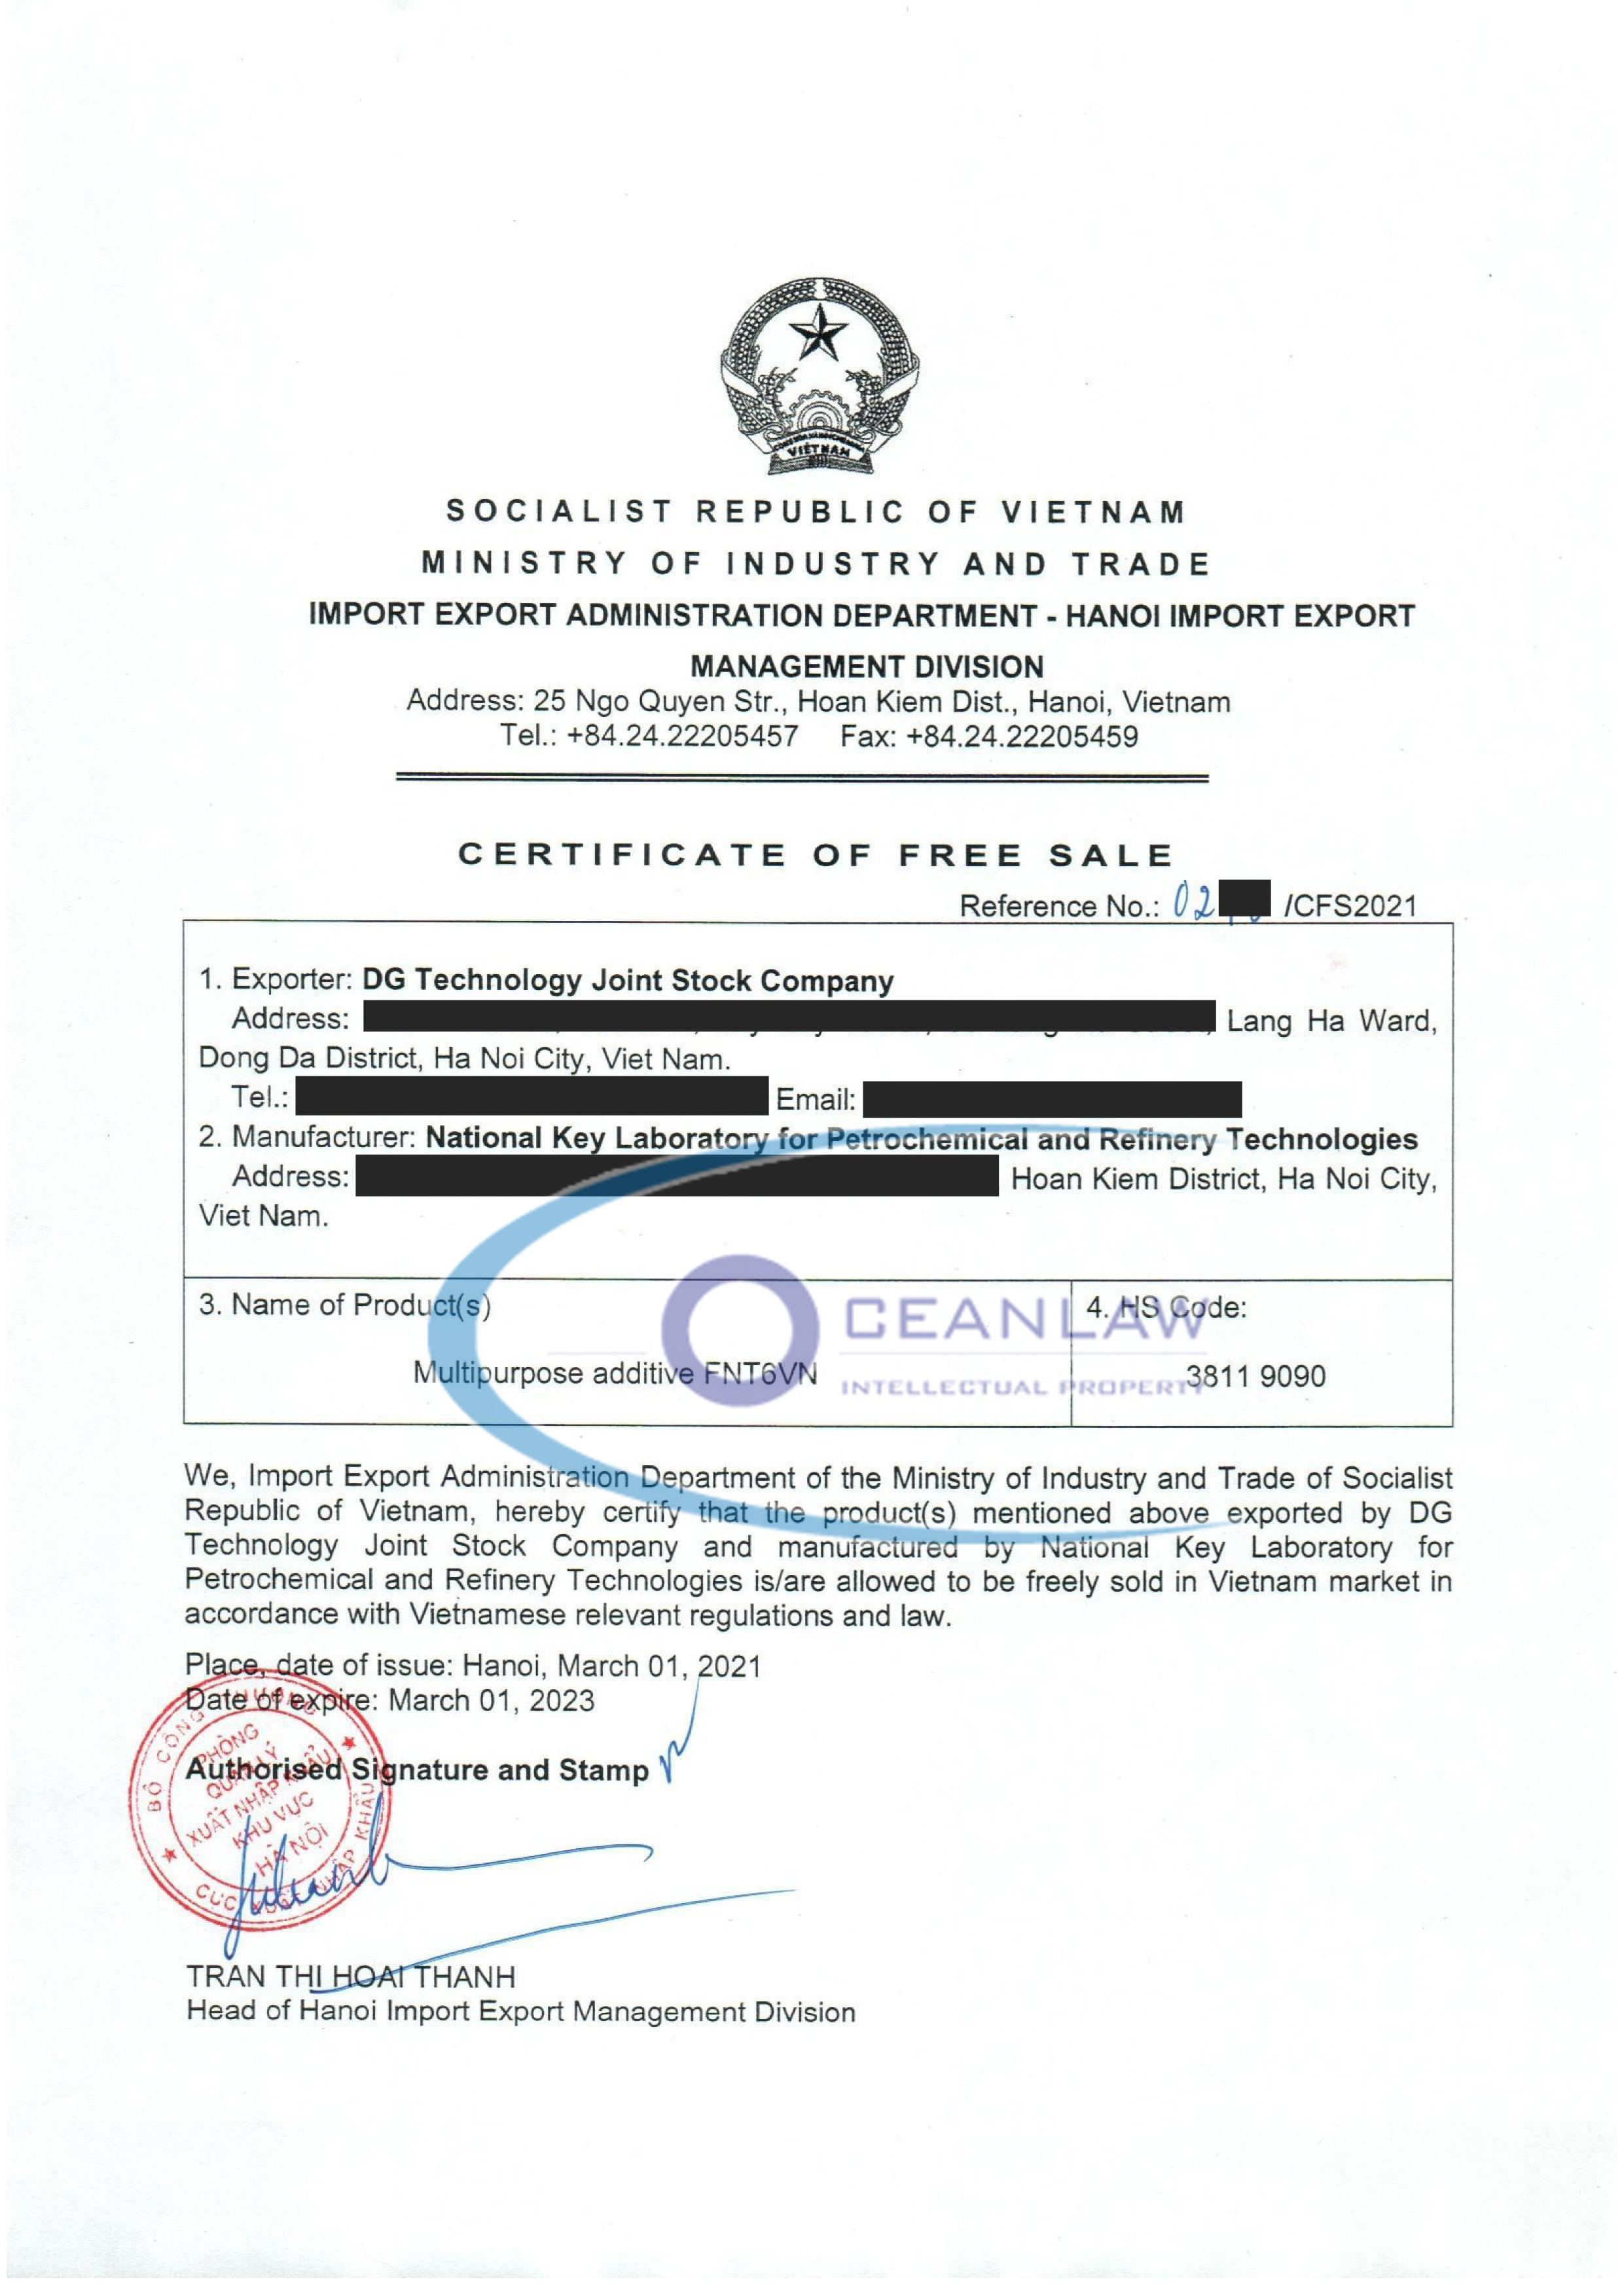 Xin giấy chứng nhận lưu hành tự CFS